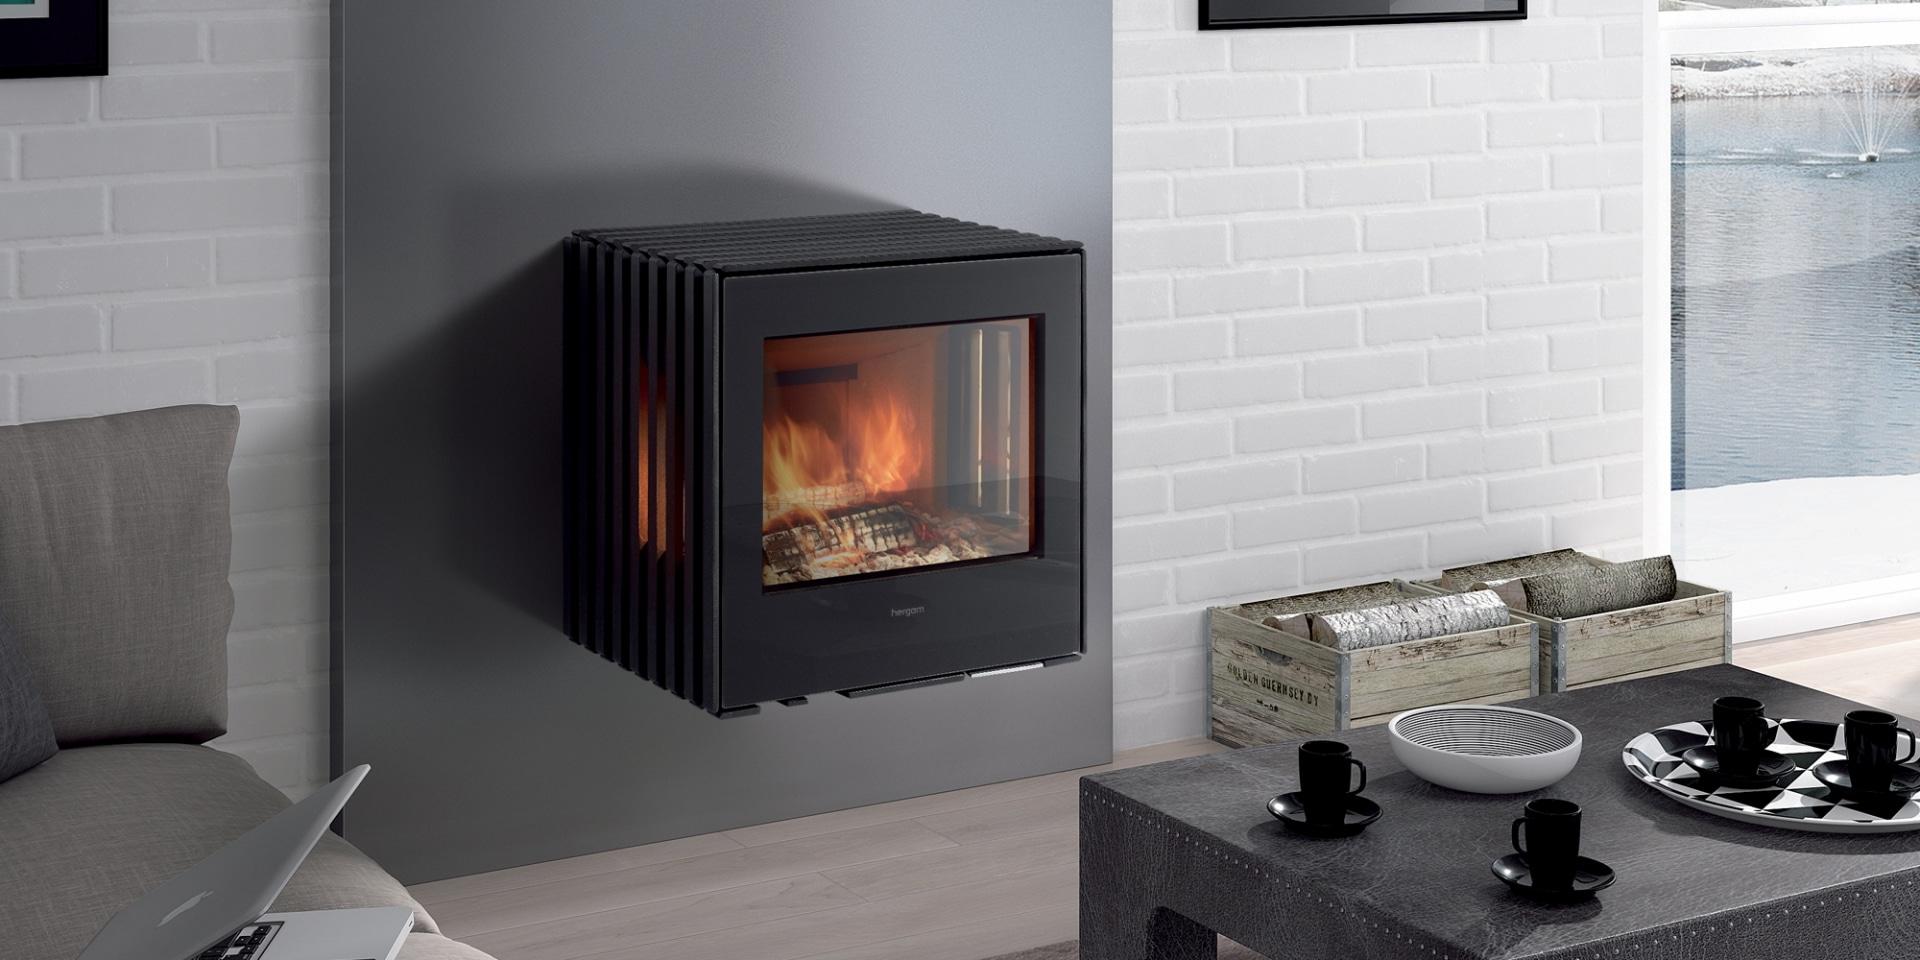 po le bois hergom glance m mural flammes du monde. Black Bedroom Furniture Sets. Home Design Ideas